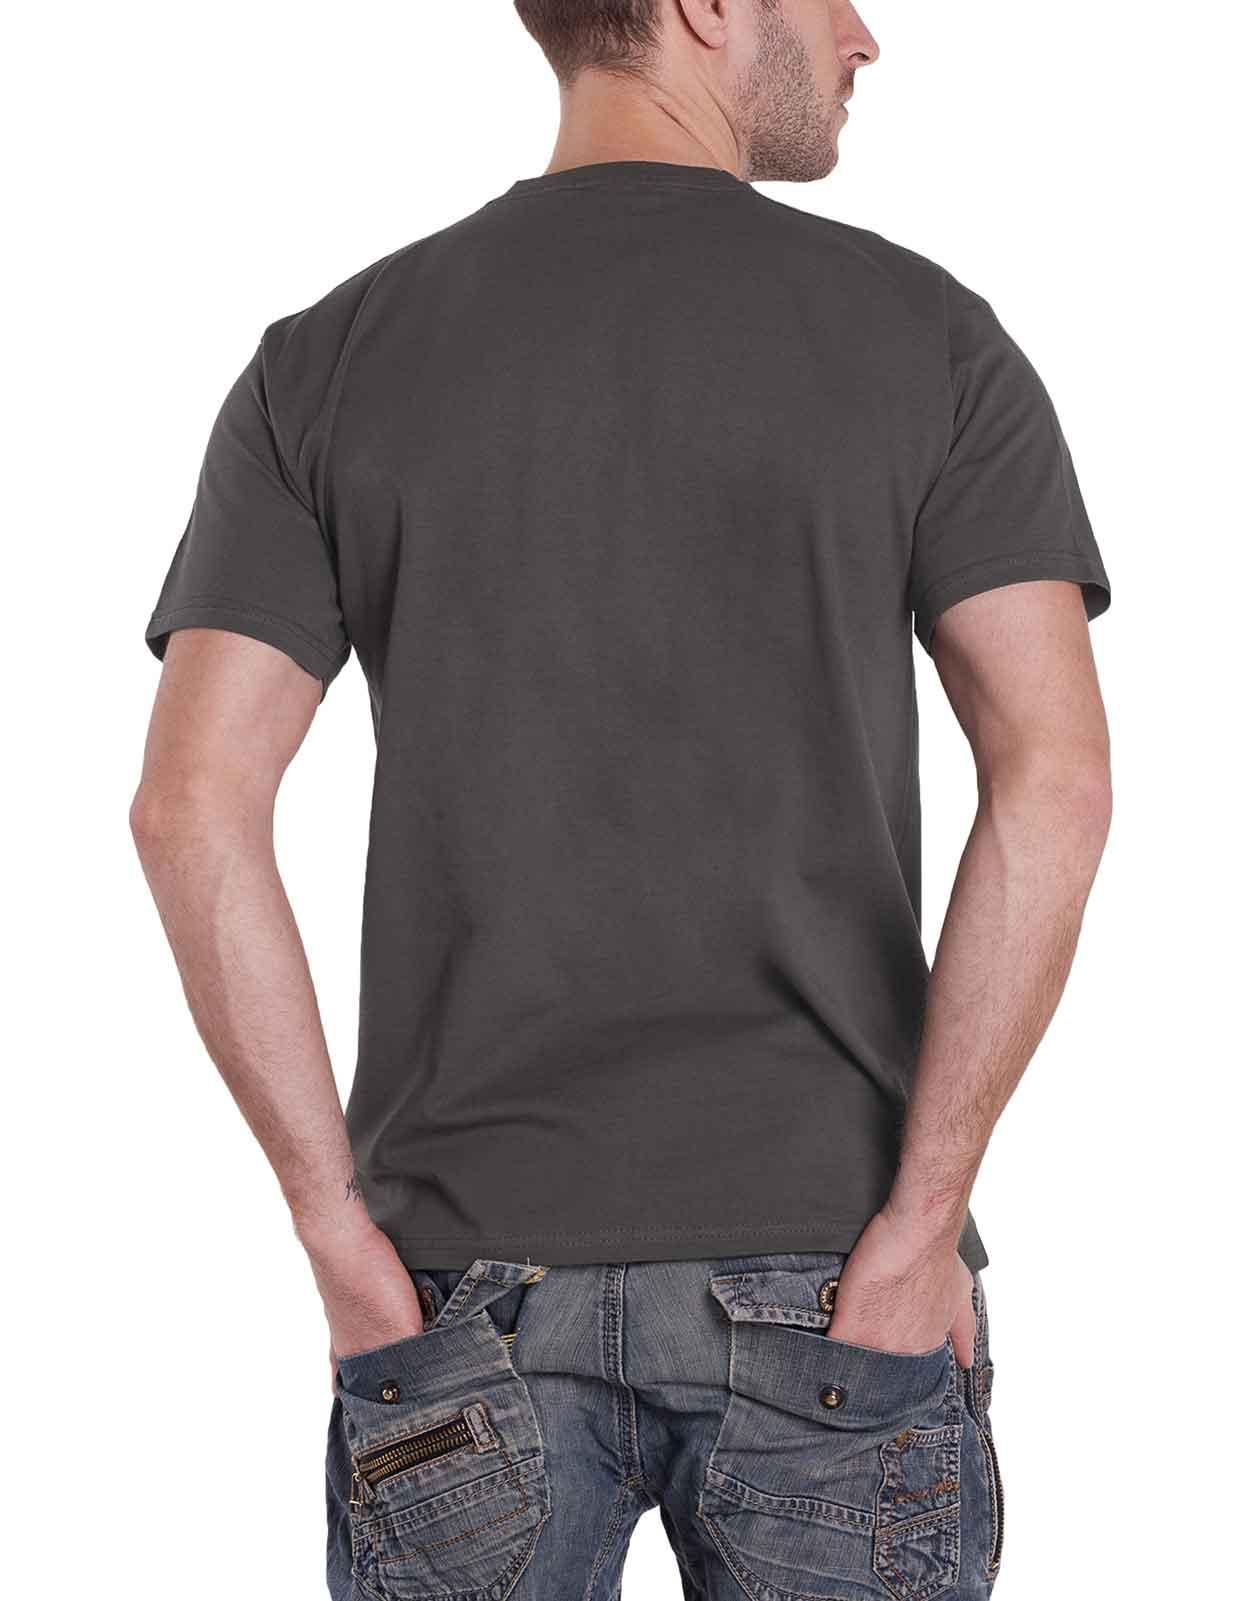 Rick-and-Morty-T-Shirt-Pickle-Rick-Portail-spirale-Wubba-Lubba-nouveau-officiel-Homme miniature 51